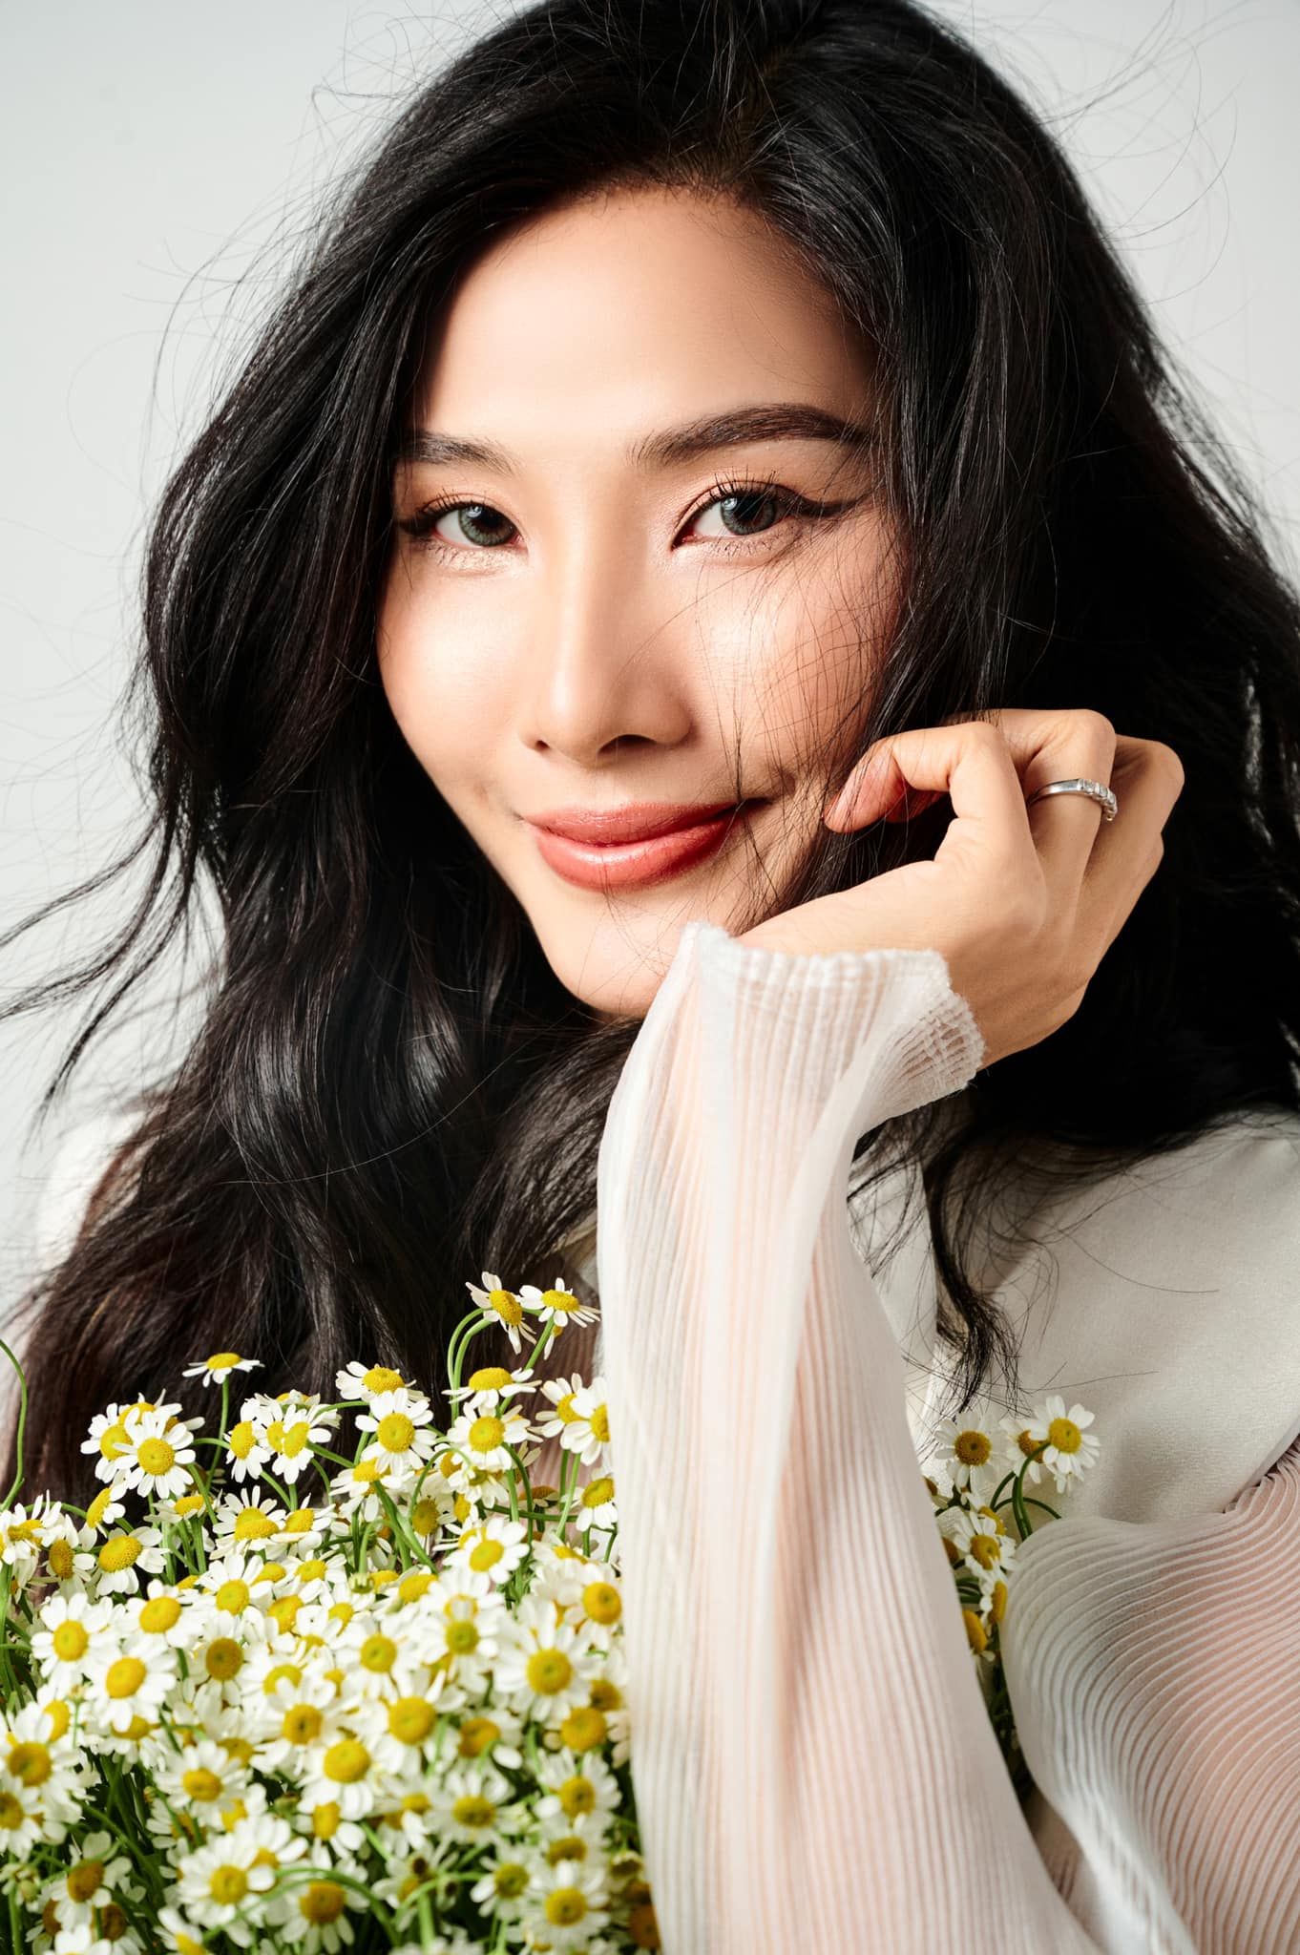 Á hậu Thuỳ Dung diện váy xẻ vòng 1 nóng bỏng, Ngọc Thảo bắt đầu 'bung lụa' tại Miss Grand ảnh 10